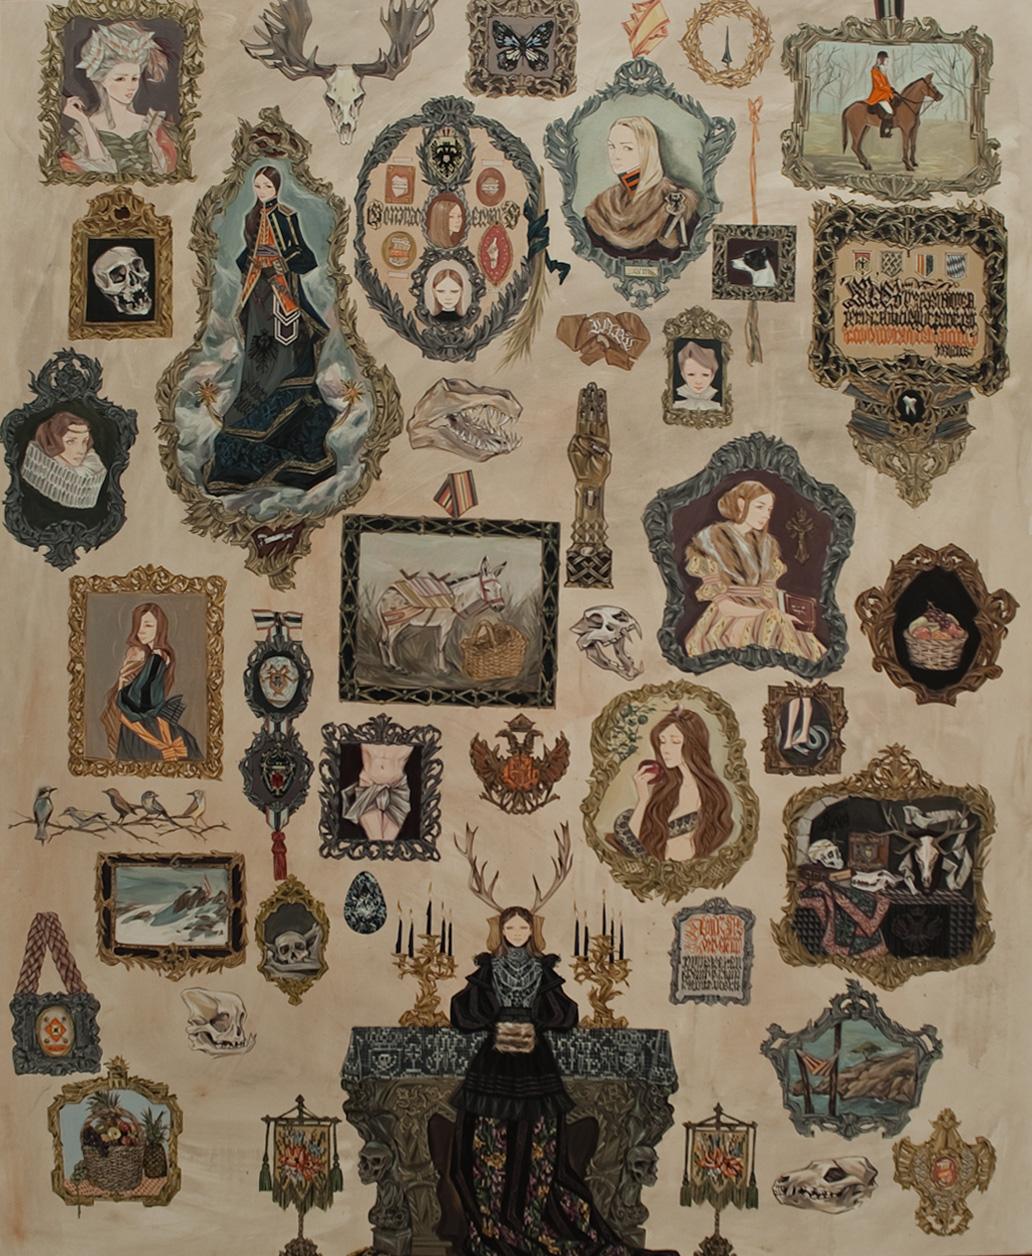 http://3.bp.blogspot.com/-hdUY9tAbxMw/Tf8dV__ZDKI/AAAAAAAAF14/afg3v-QNIVM/s1600/DELIMBO-TENEO-TE-MARIA-JOSE-GALLARDO16.jpg